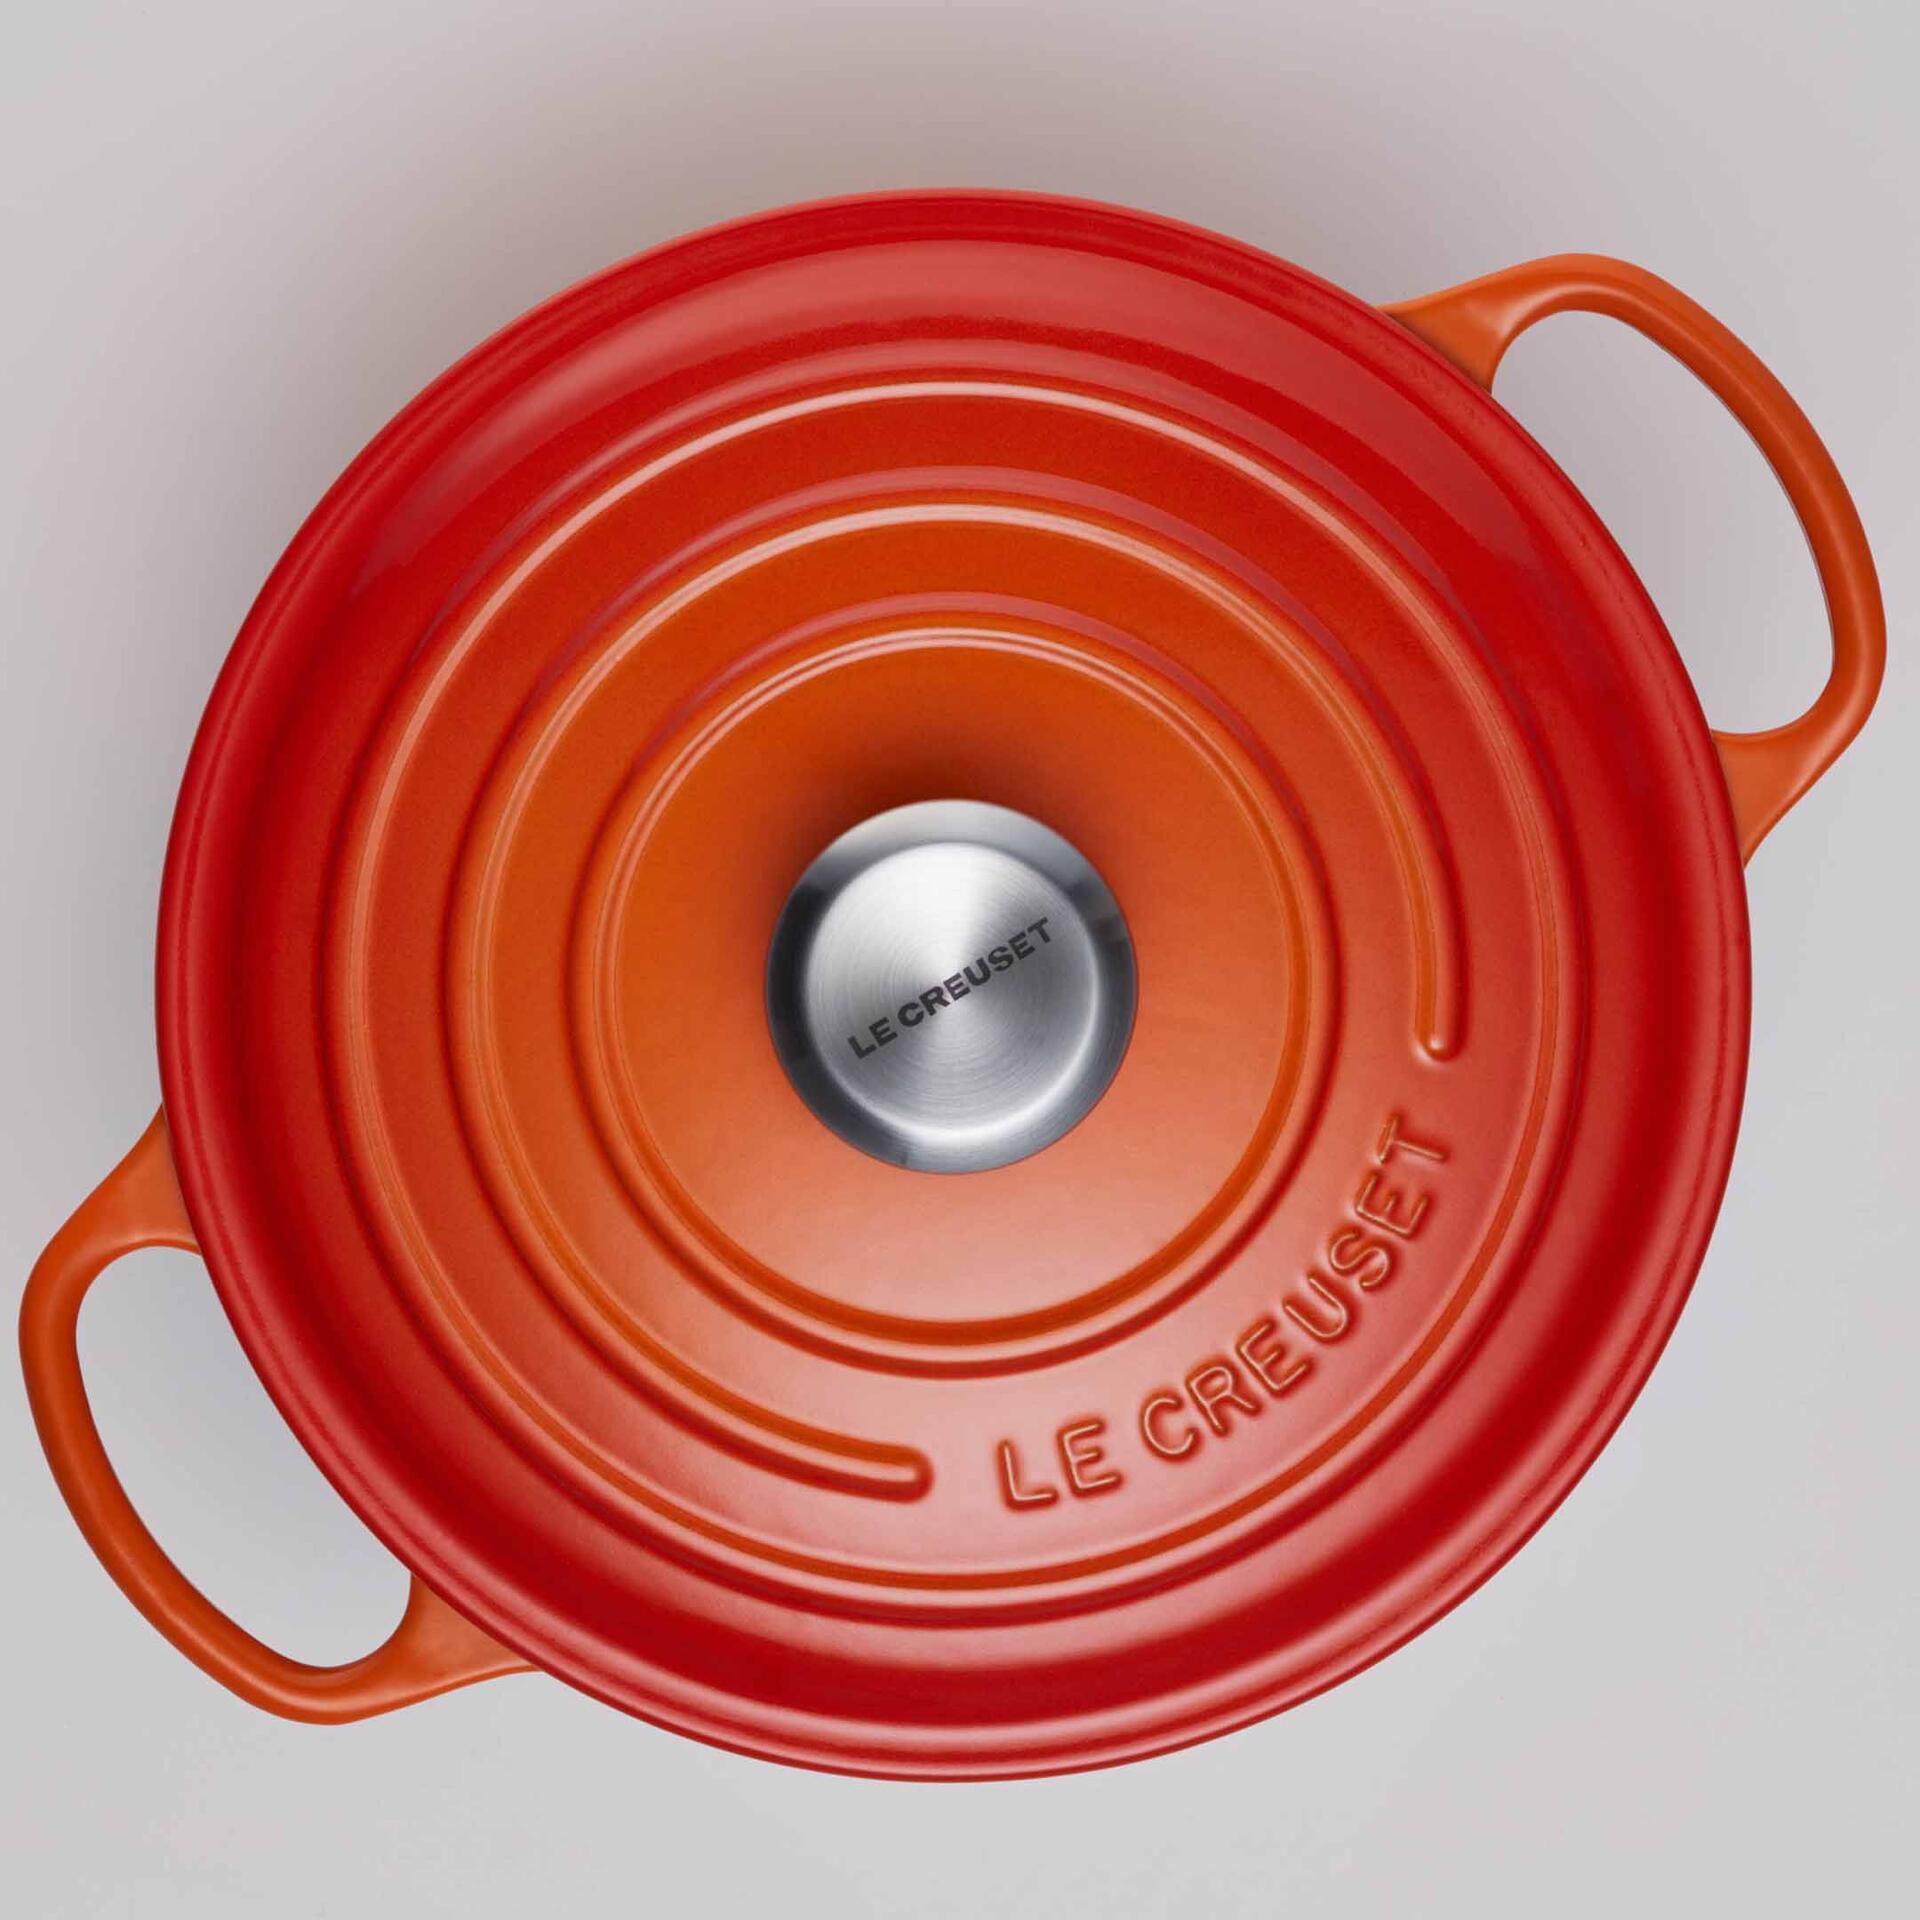 Le Creuset Bräter Signature 22 cm Creme 3,3 L